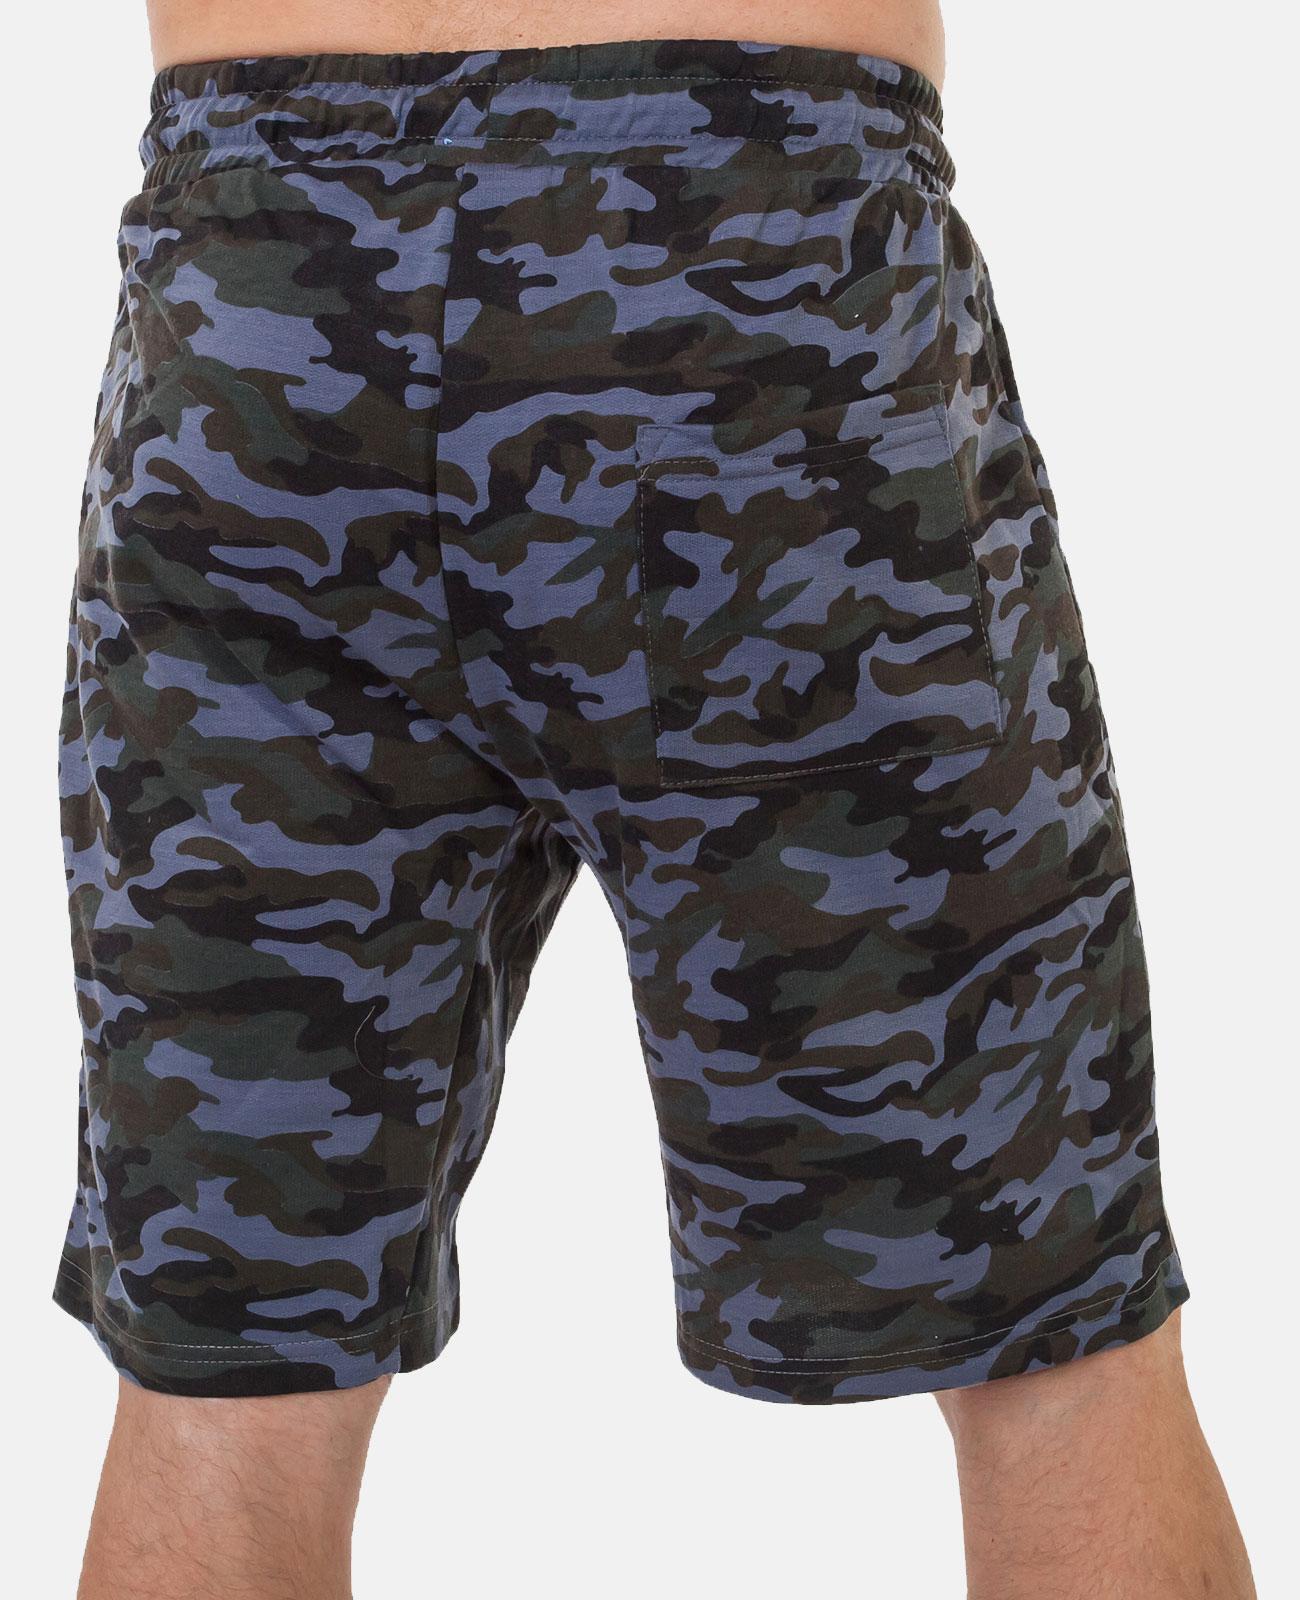 Заказать просторные мужские шорты с эмблемой Погранслужбы